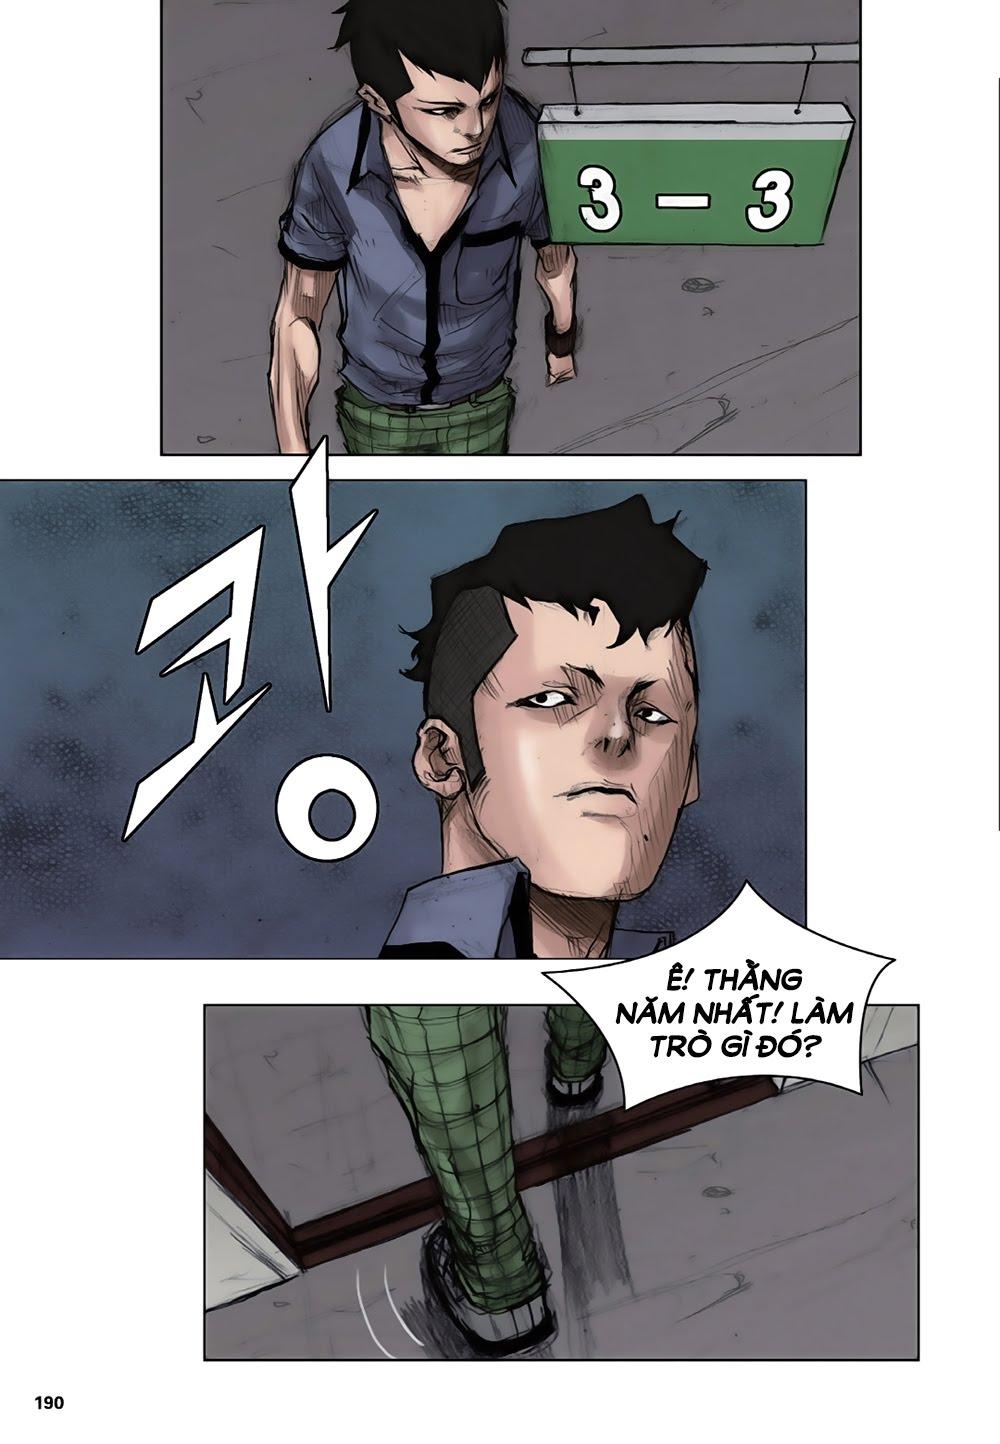 Tong phần 1-5 trang 33